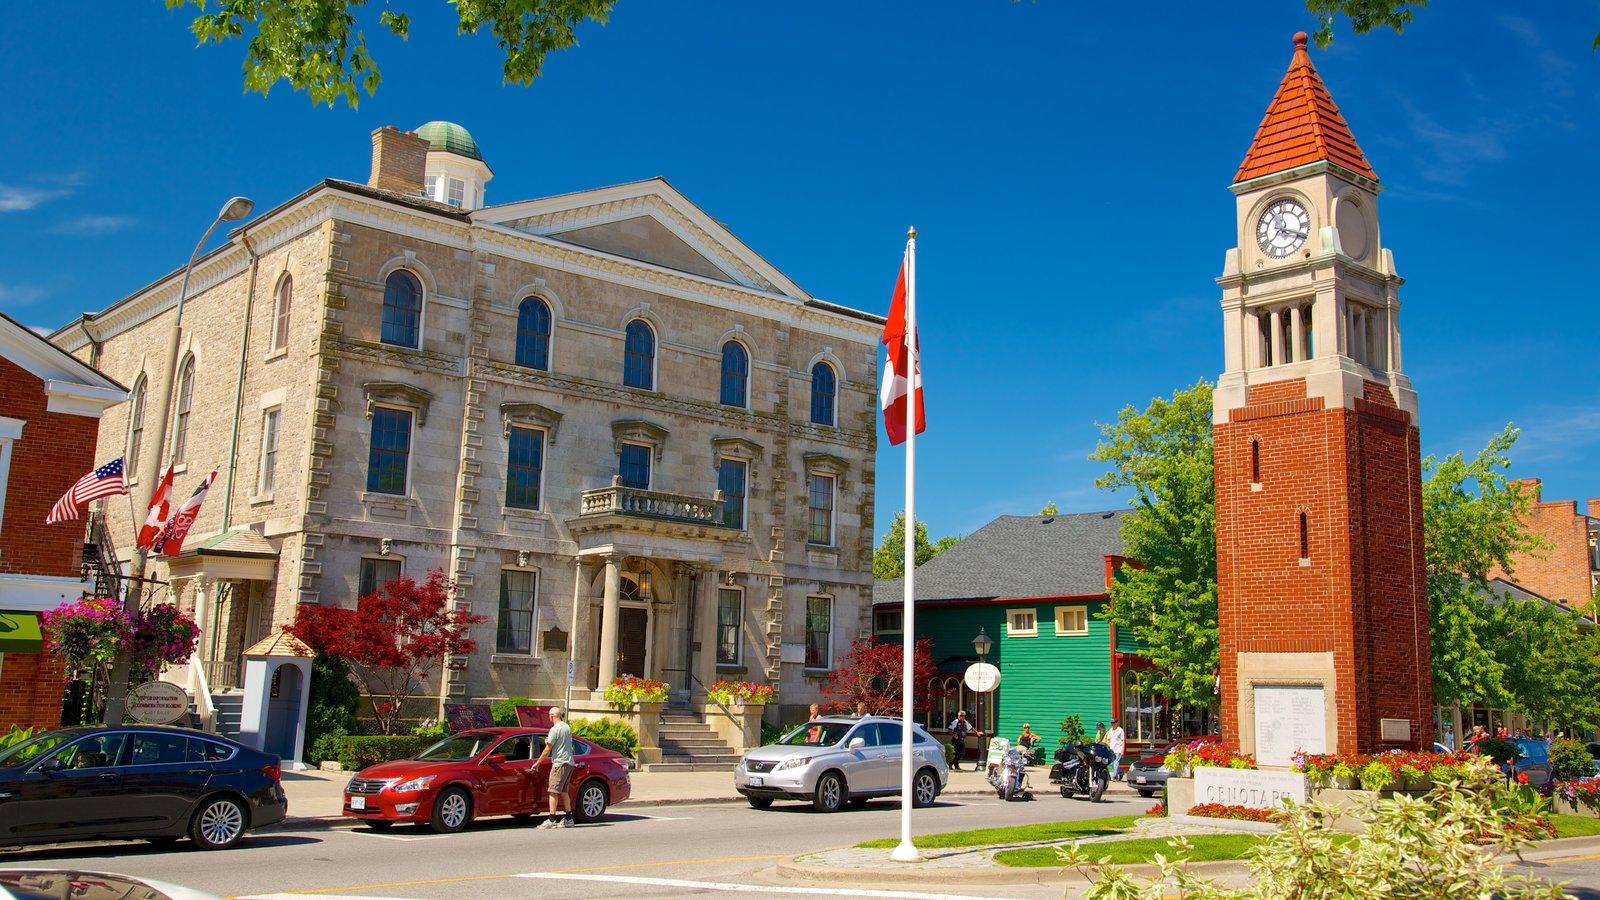 Niagara-on-the-Lake que inclui elementos de patrimônio, arquitetura de patrimônio e um edifício administrativo